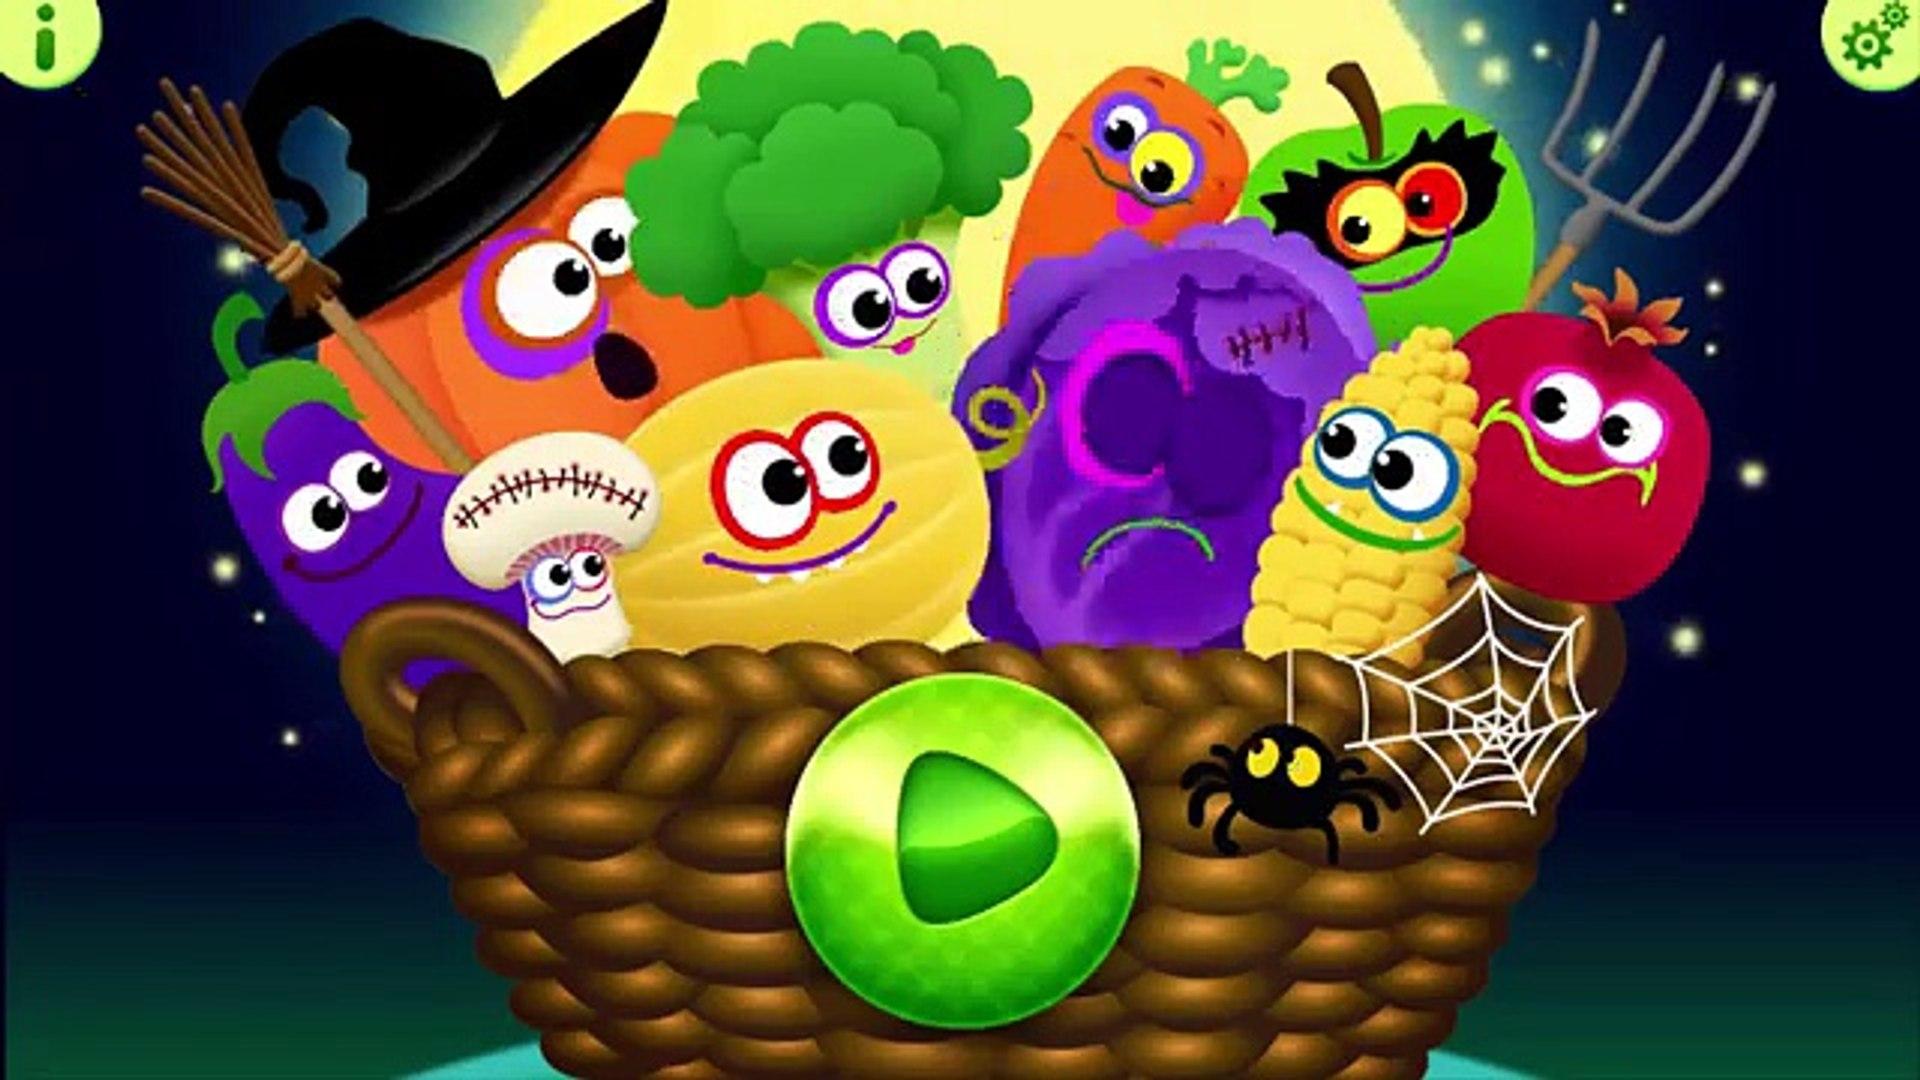 И Детка ребенок цвета образовательных питание для фрукты Веселая игра Дети Дети ... Узнайте играть о